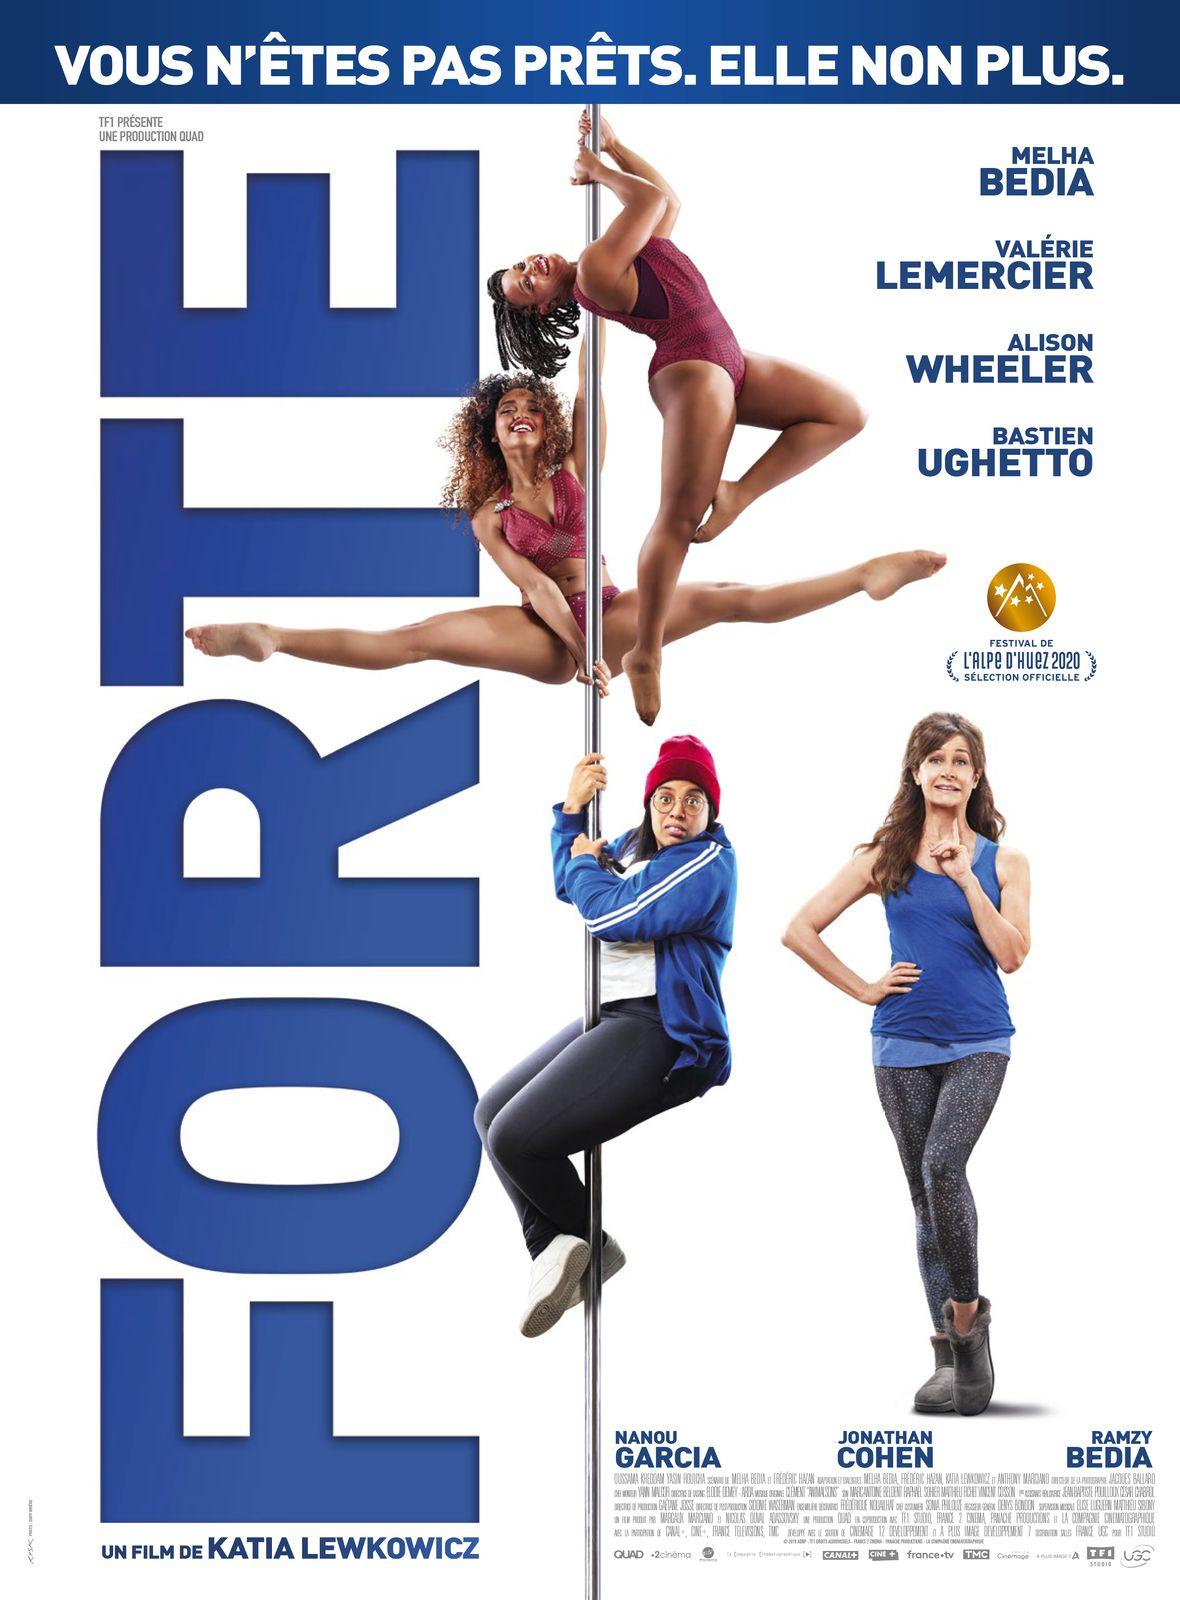 FORTE avec Melha Bedia, Valérie Lemercier, Alison Wheeler, Ramzy et Jonathan Cohen, au Cinéma le 18 Mars